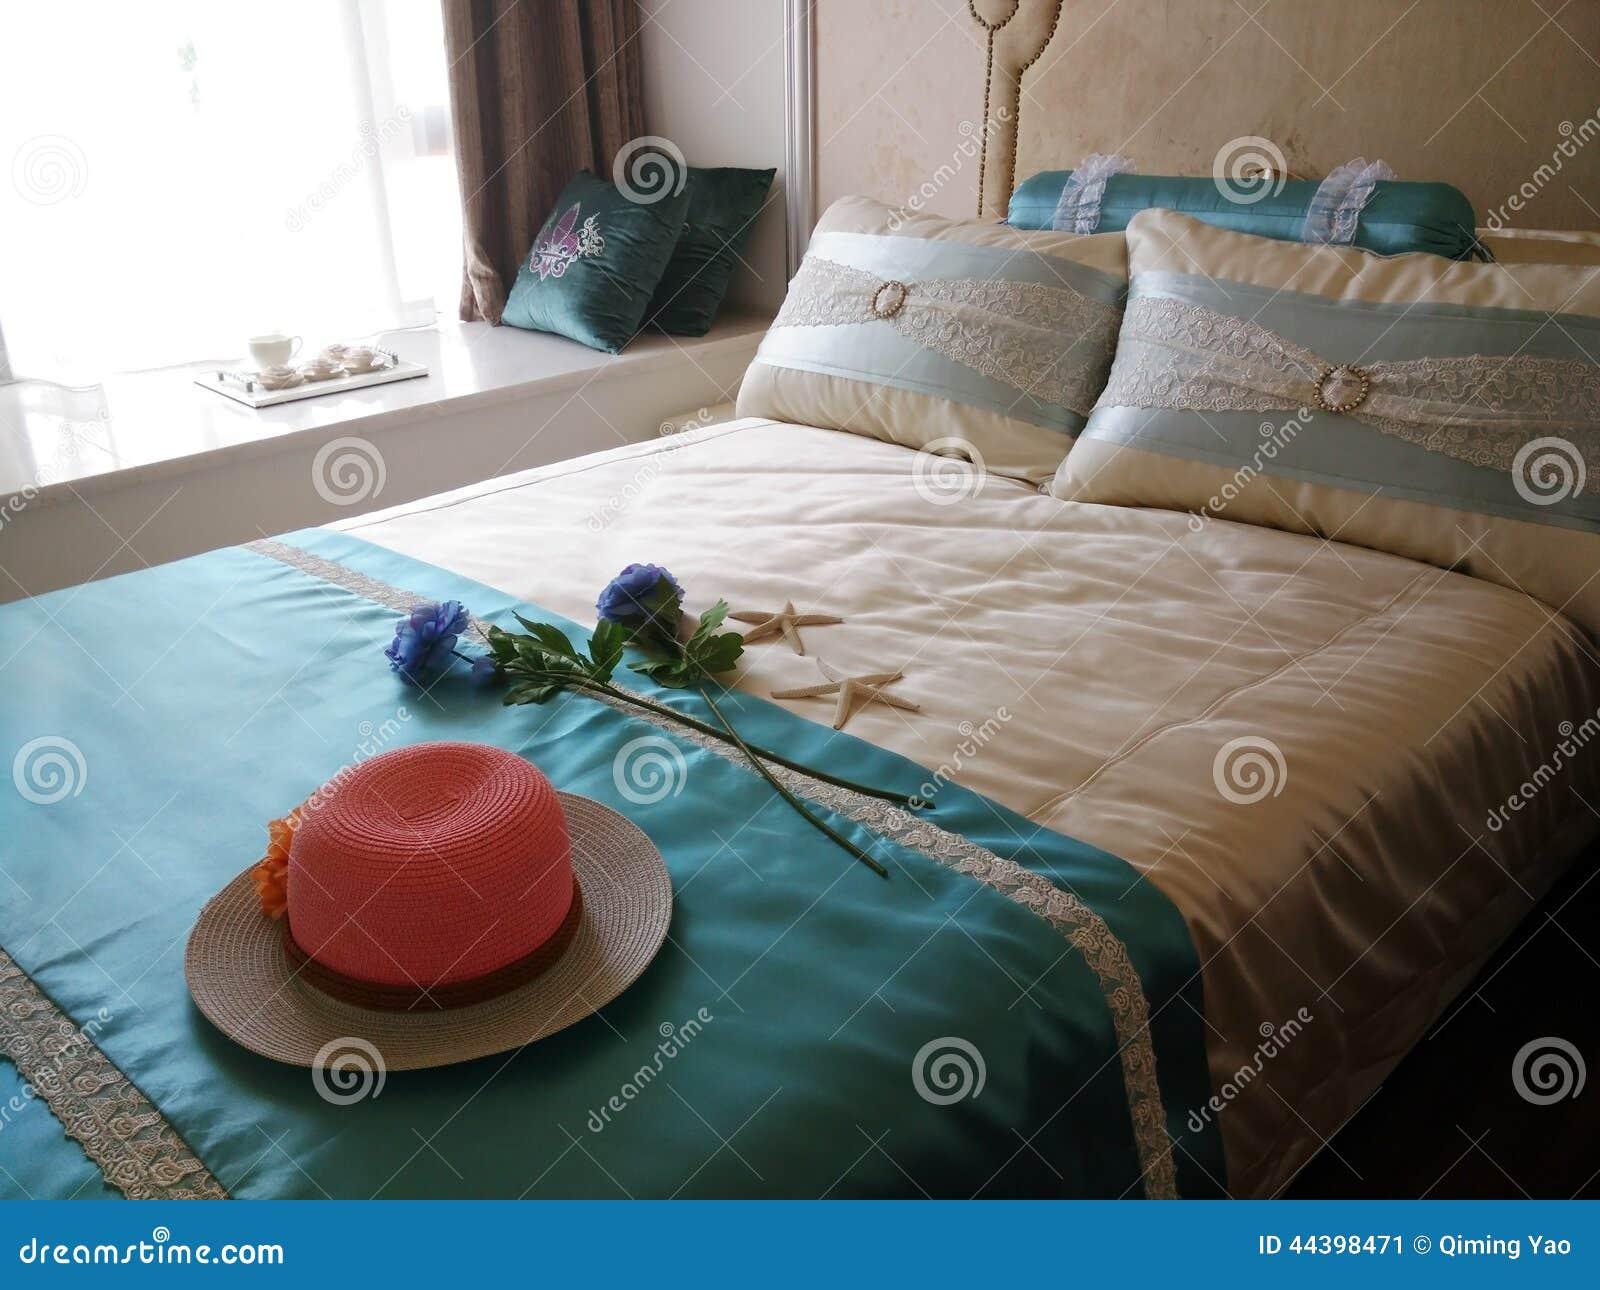 chapeau rouge sur le lit photo stock image 44398471. Black Bedroom Furniture Sets. Home Design Ideas